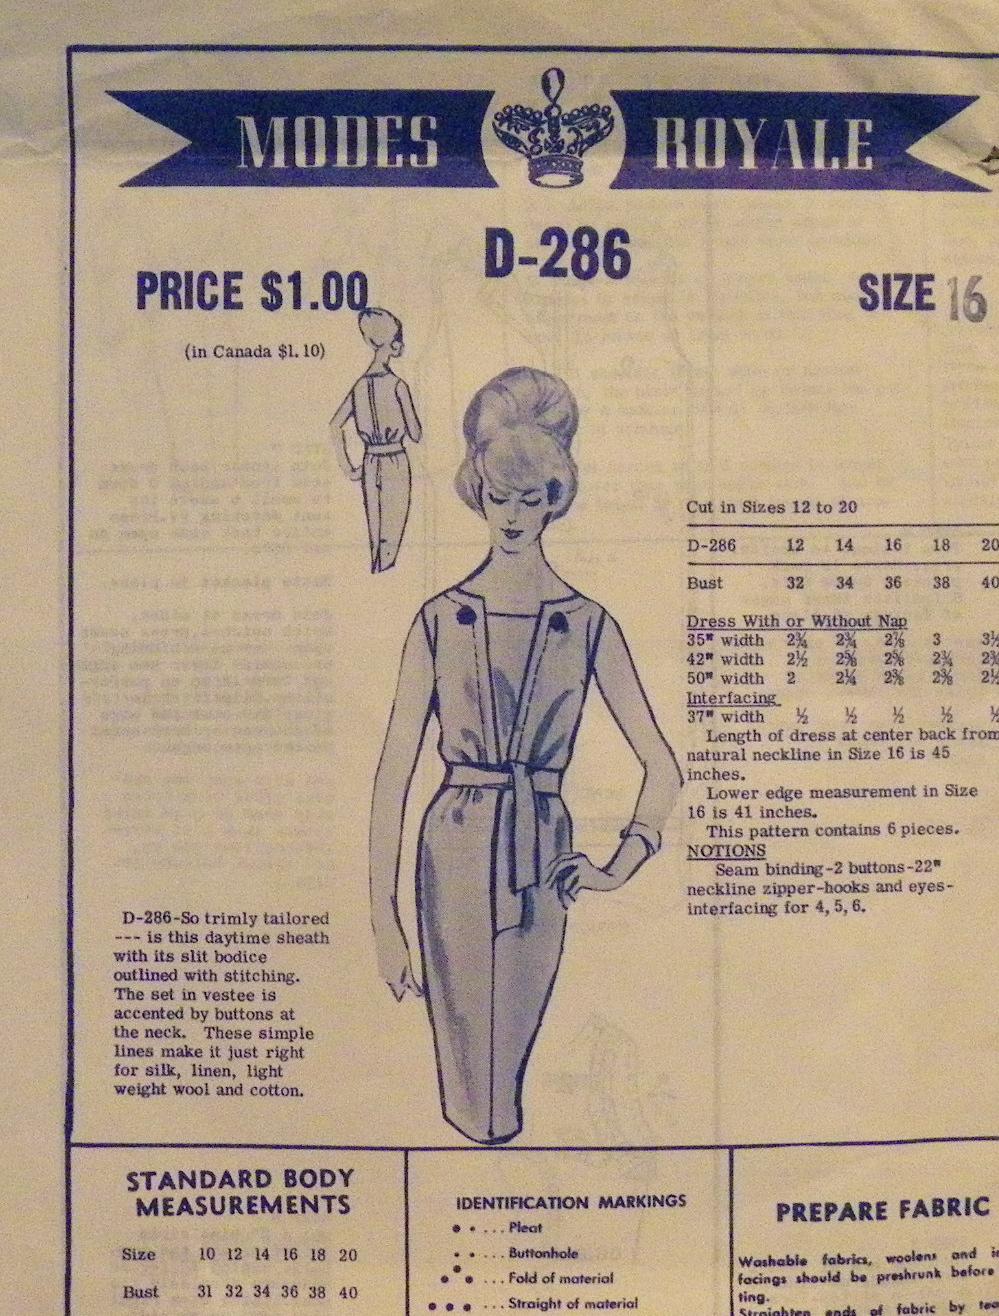 Modes Royale D-286